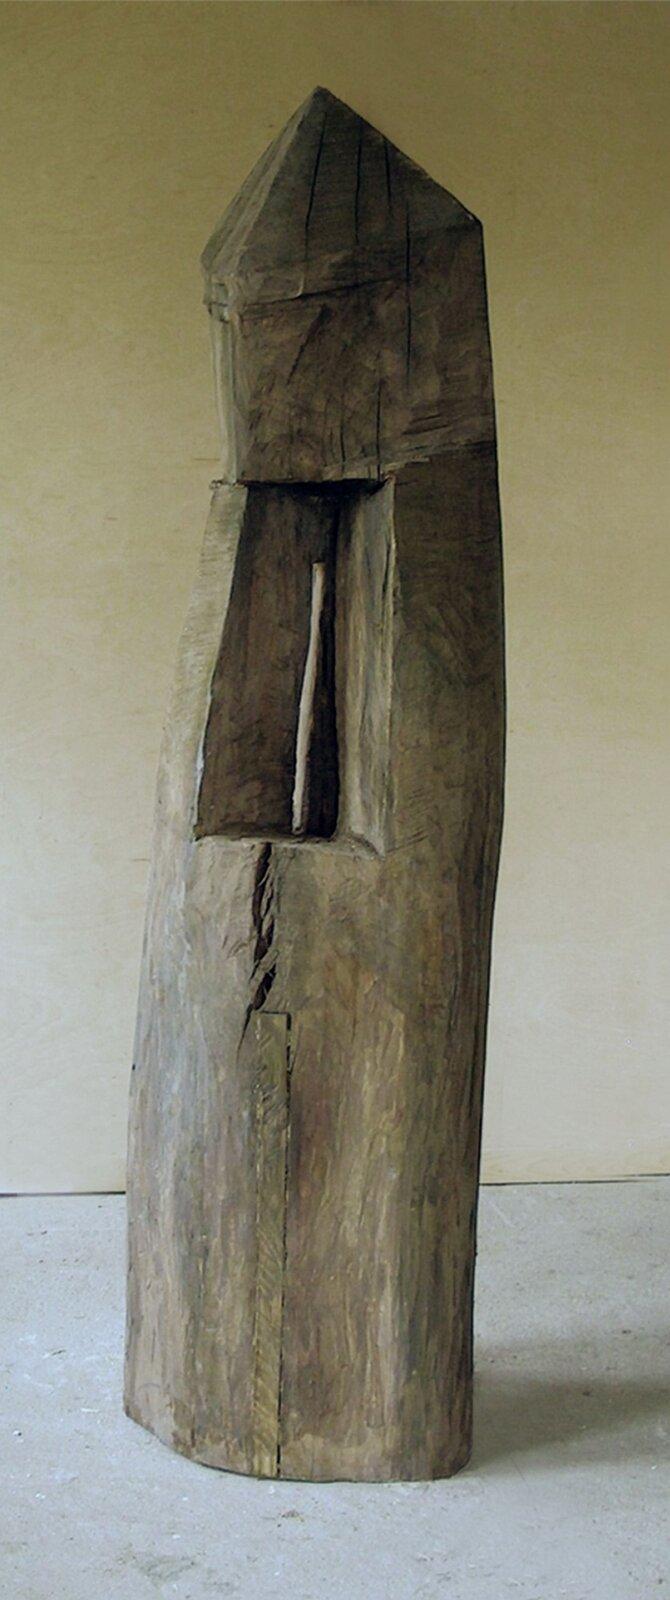 """Ilustracja przedstawia rzeźbę Krzysztofa Mazura """"Kapliczka frasobliwa"""". Jest to drewniany, ciosany pień drzewa ukształtowany wbryłę zbliżoną do walca, zwieńczonego stożkiem. Górna część jest lekko pochylona. Wśrodku pień jest wydrążony. We wnęce znajduje się wmontowany jasny patyk."""